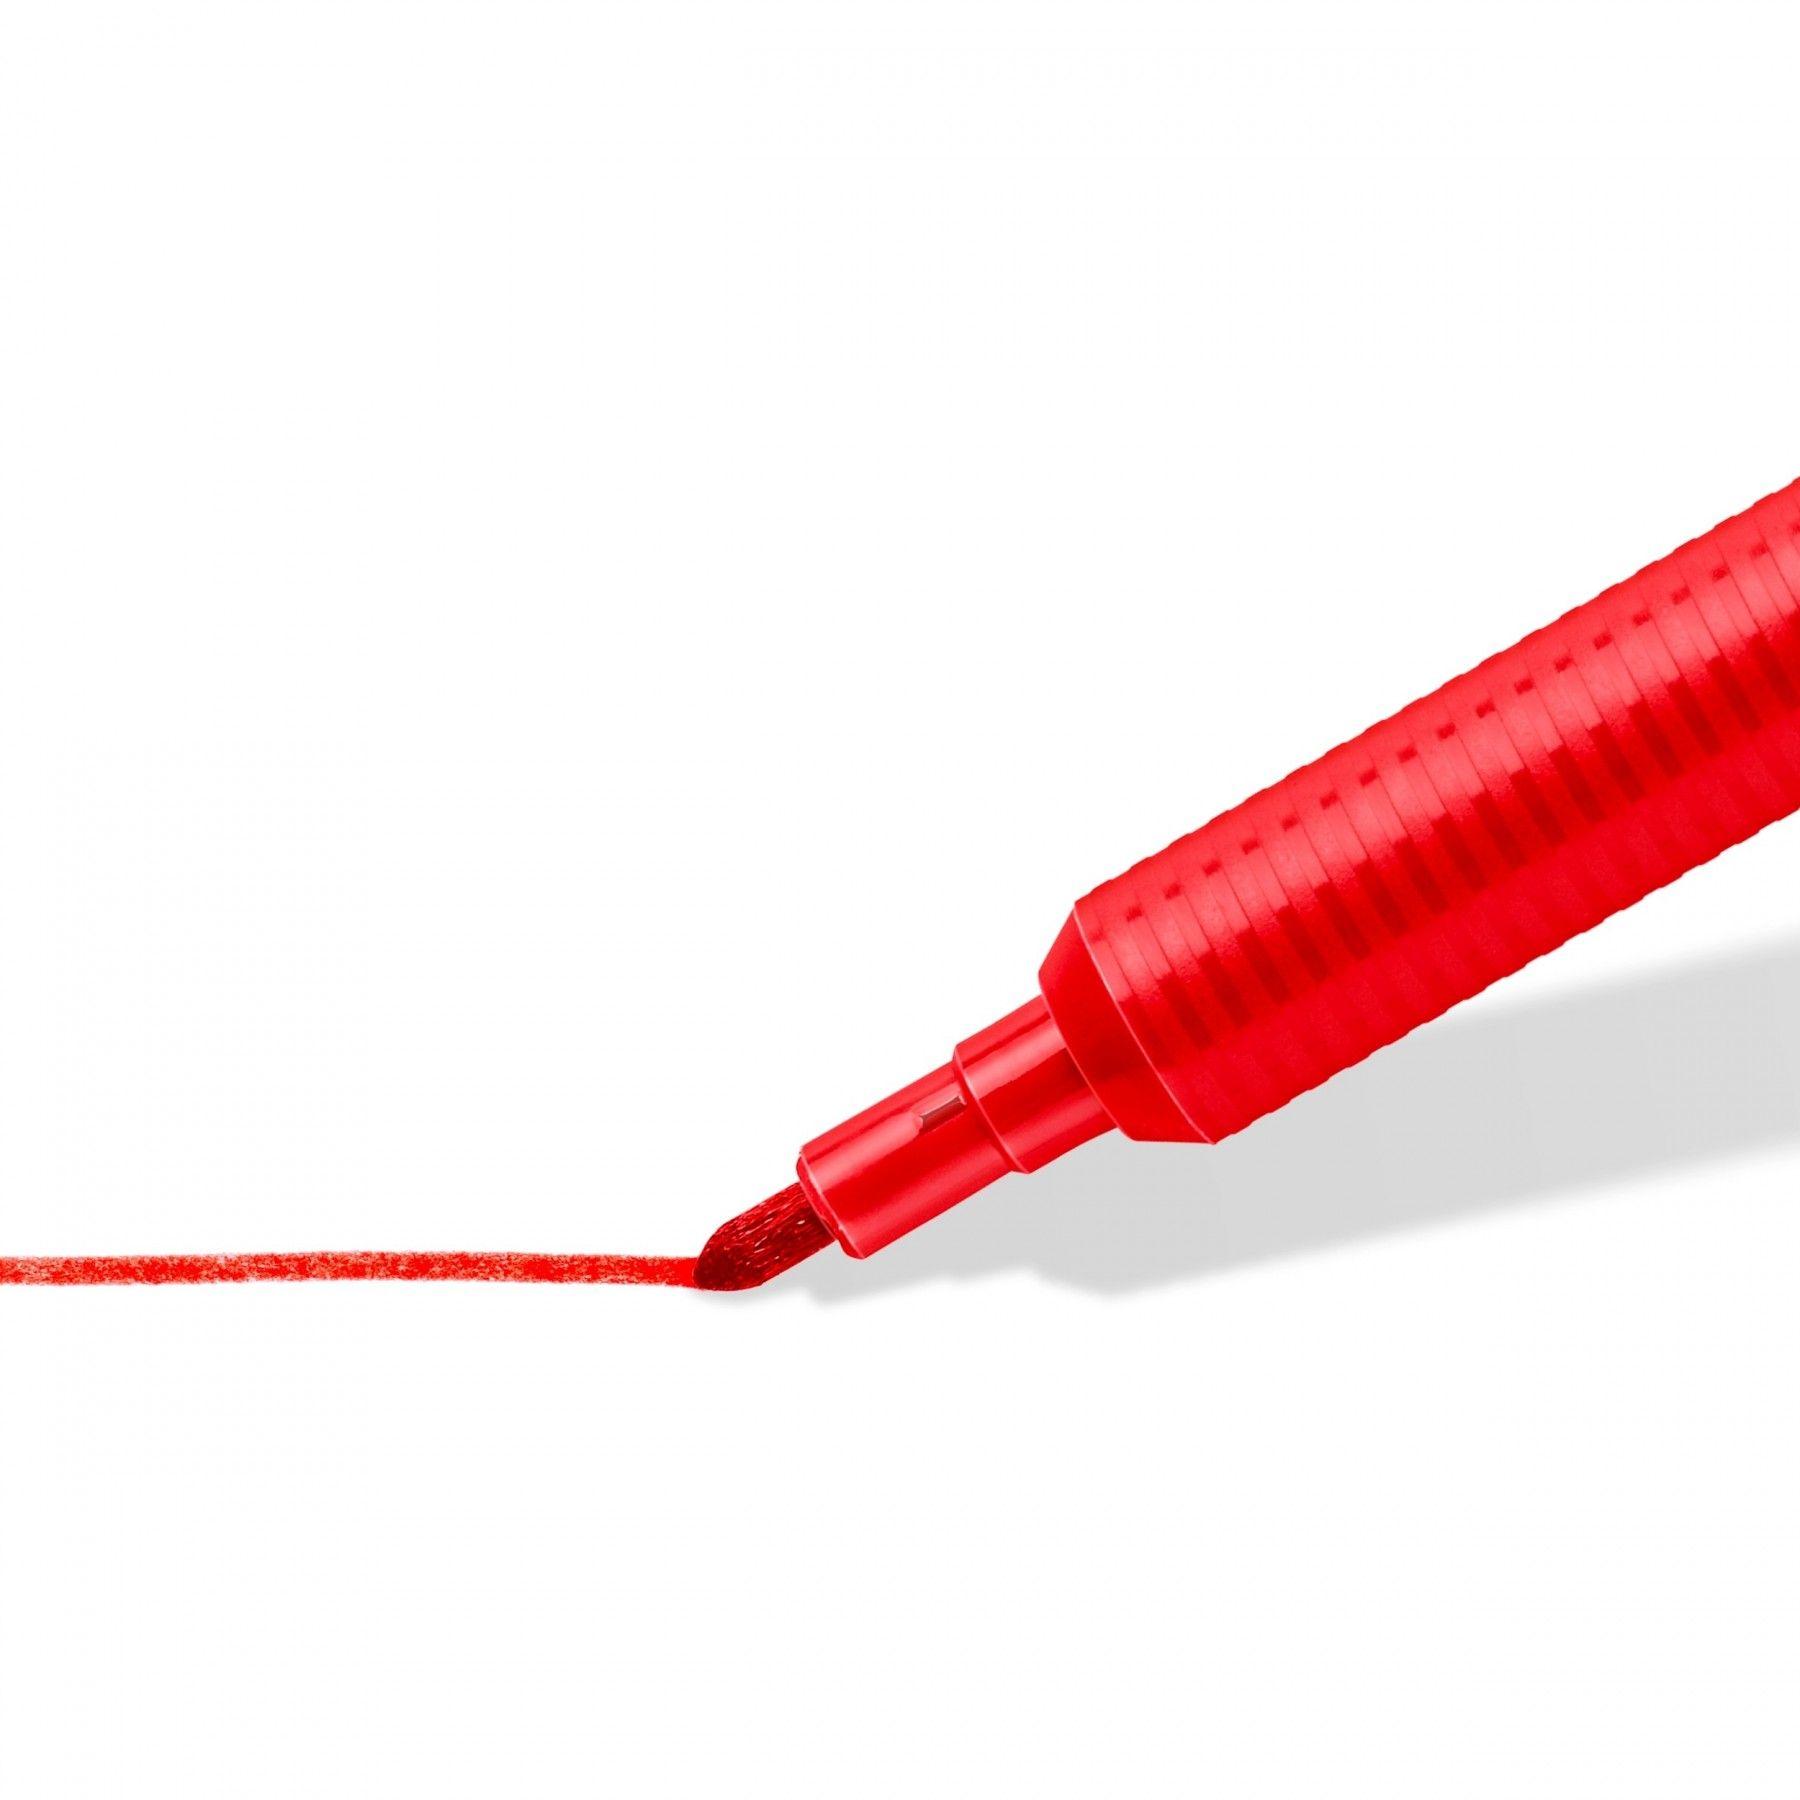 Цветни флумастери Staedtler 325 - 24 цвята, изпиращо се мастило - 2